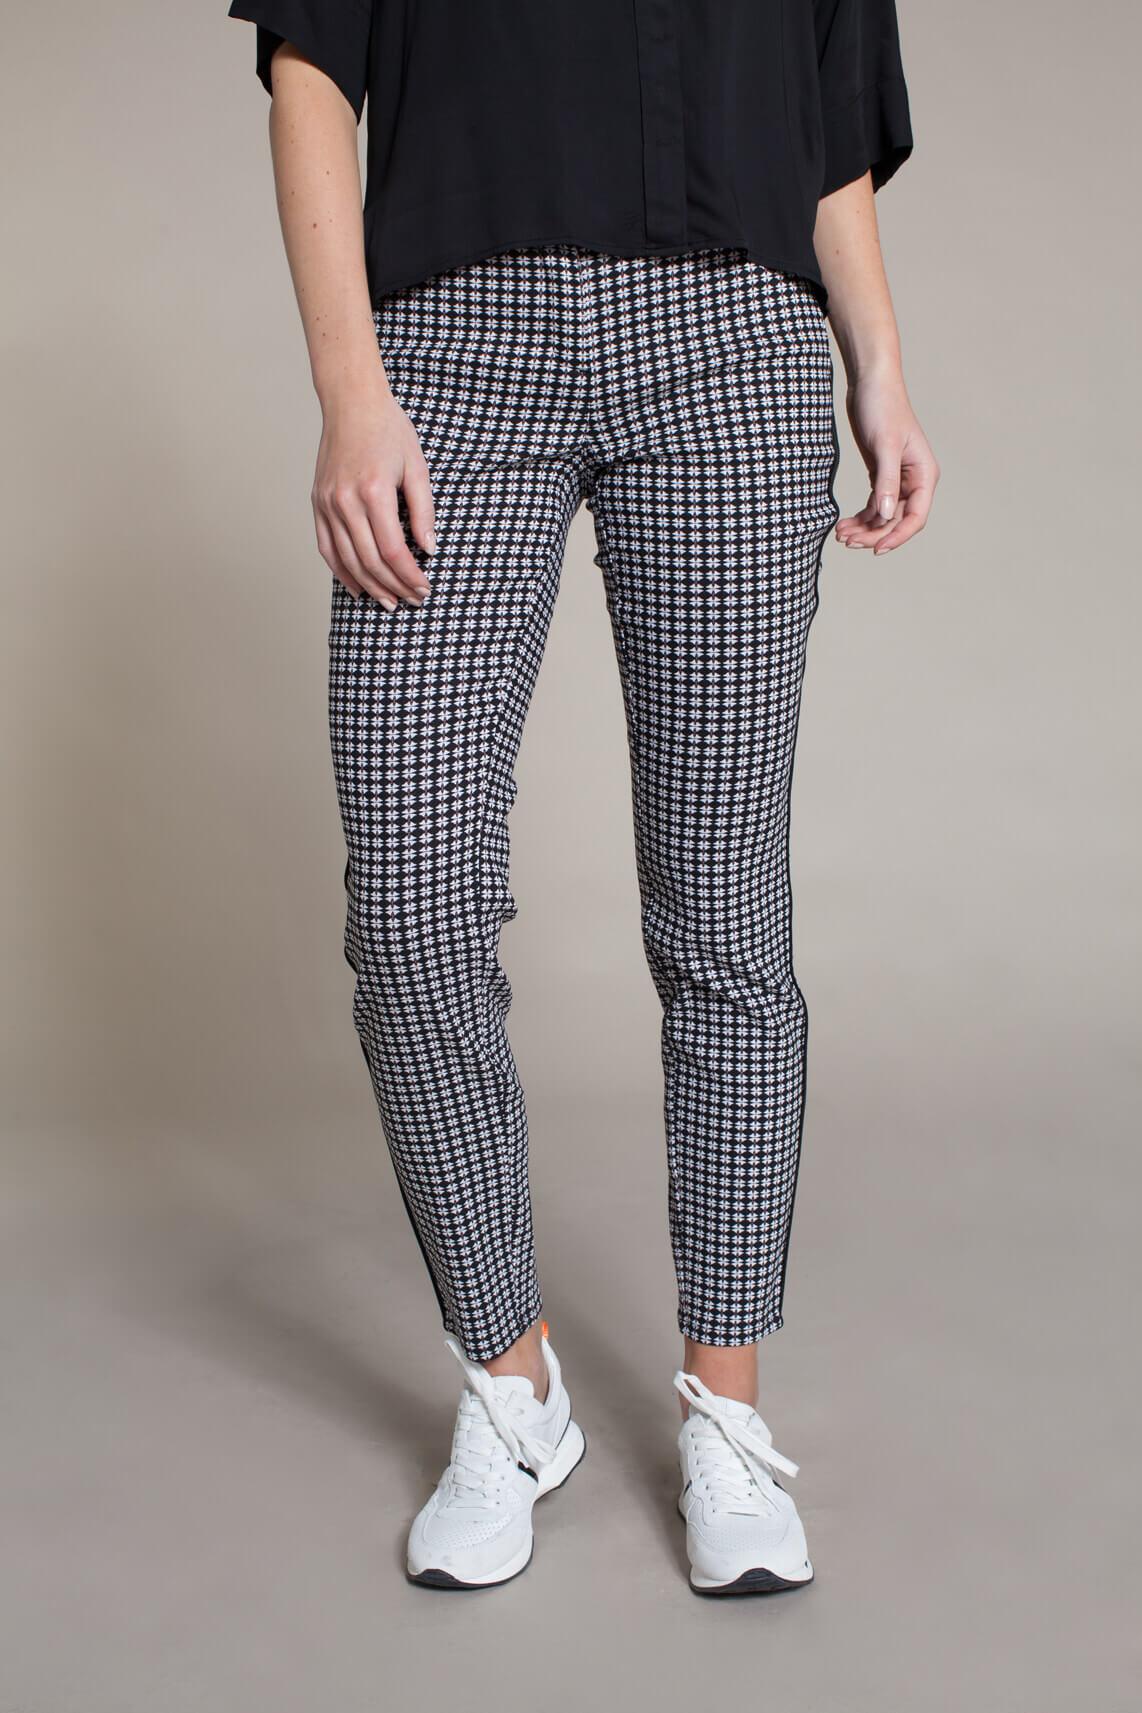 Rosner Dames Alisa broek met grafische print zwart